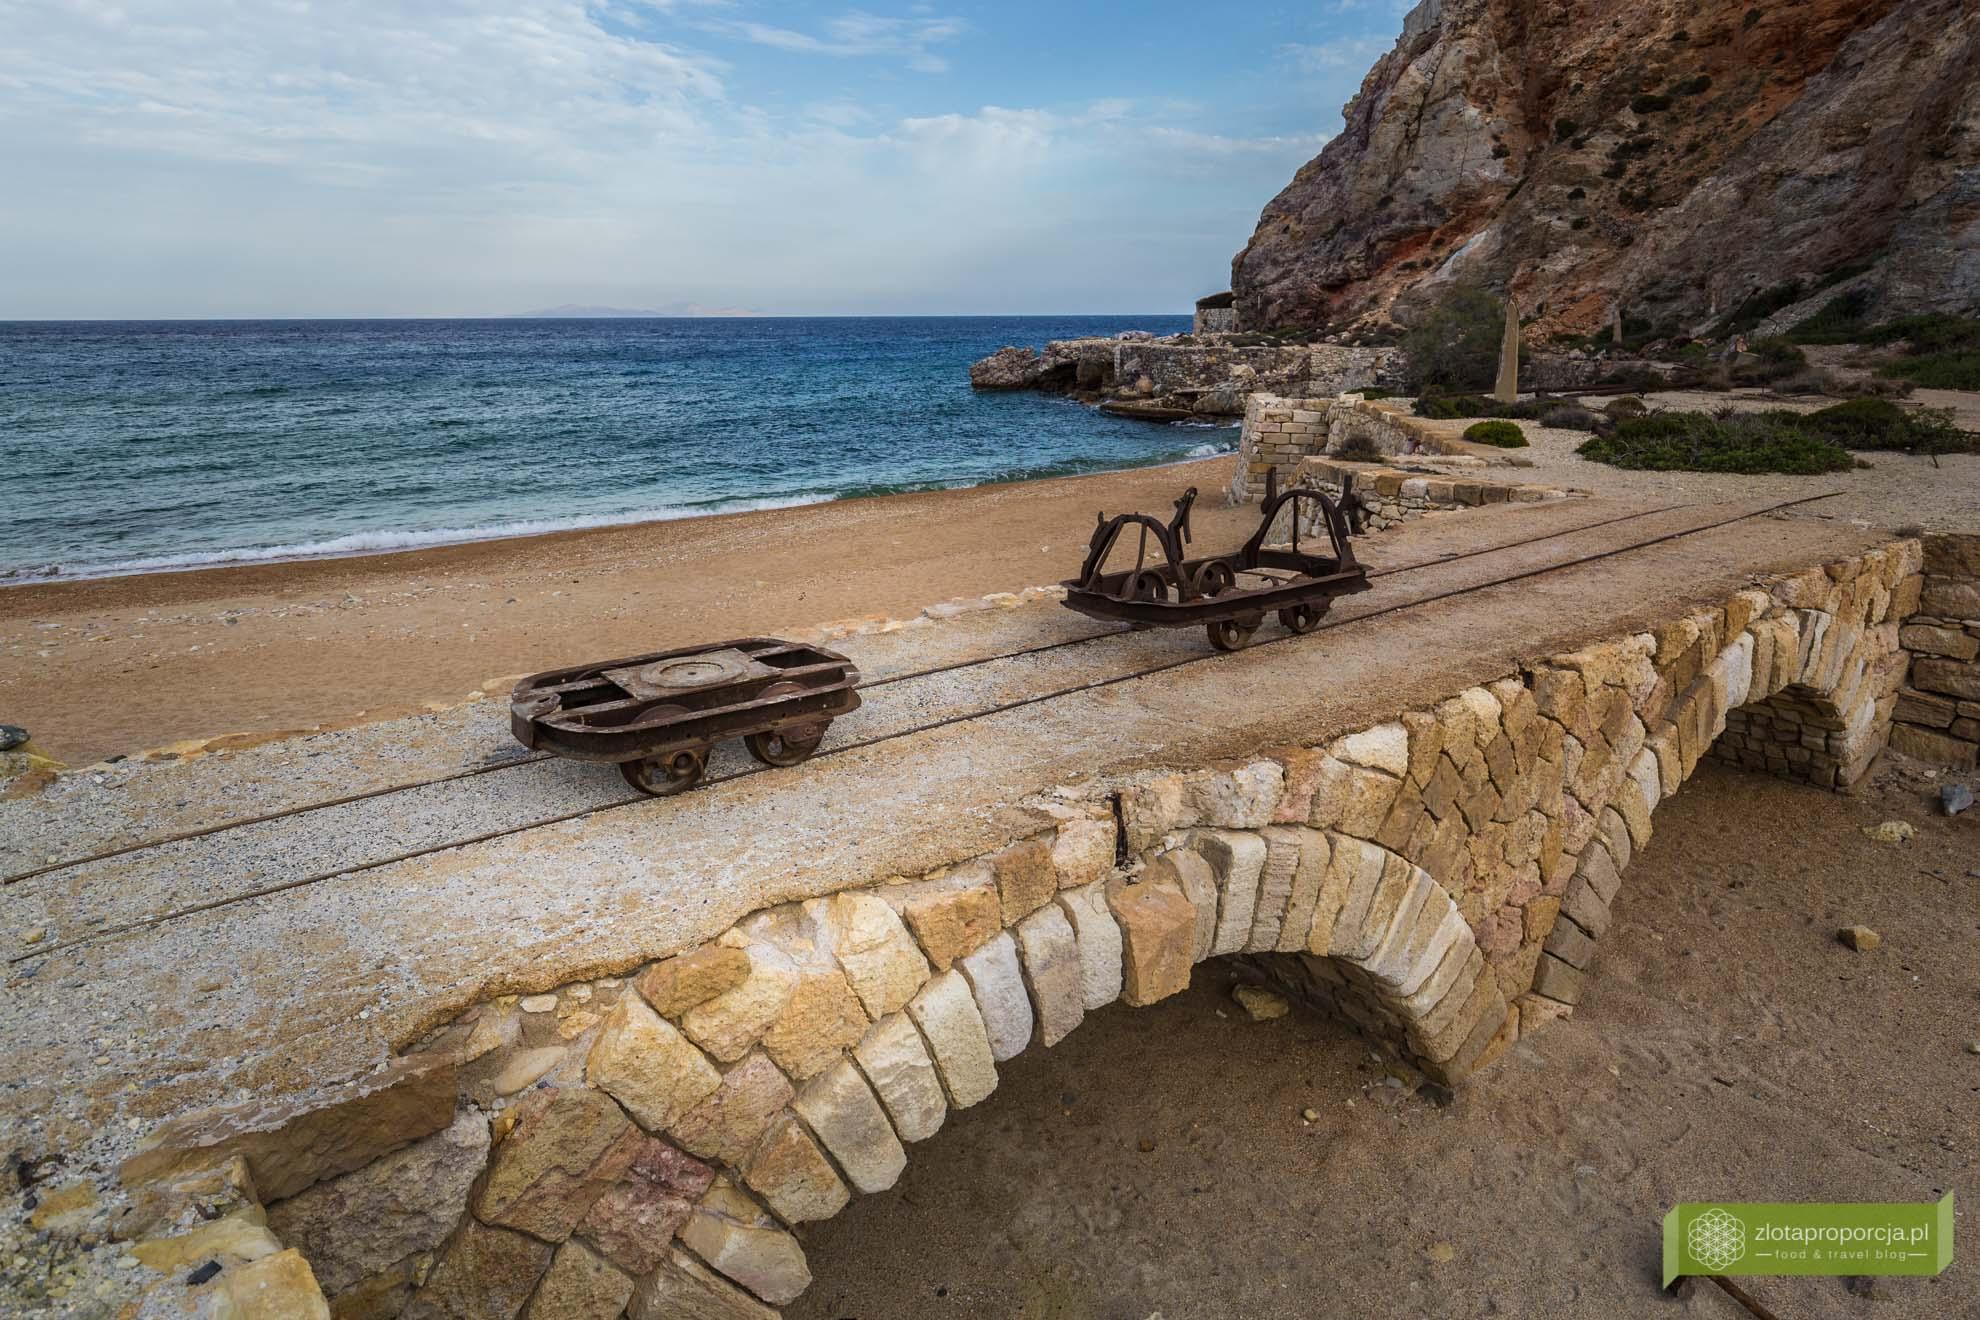 Paliorema; kopalnia siarki Milos; wyspa Milos; Cyklady; opuszczona kopalnia Paliorema; opuszczona kopalnia Milos; plaża Paliorema; plaże Milos;